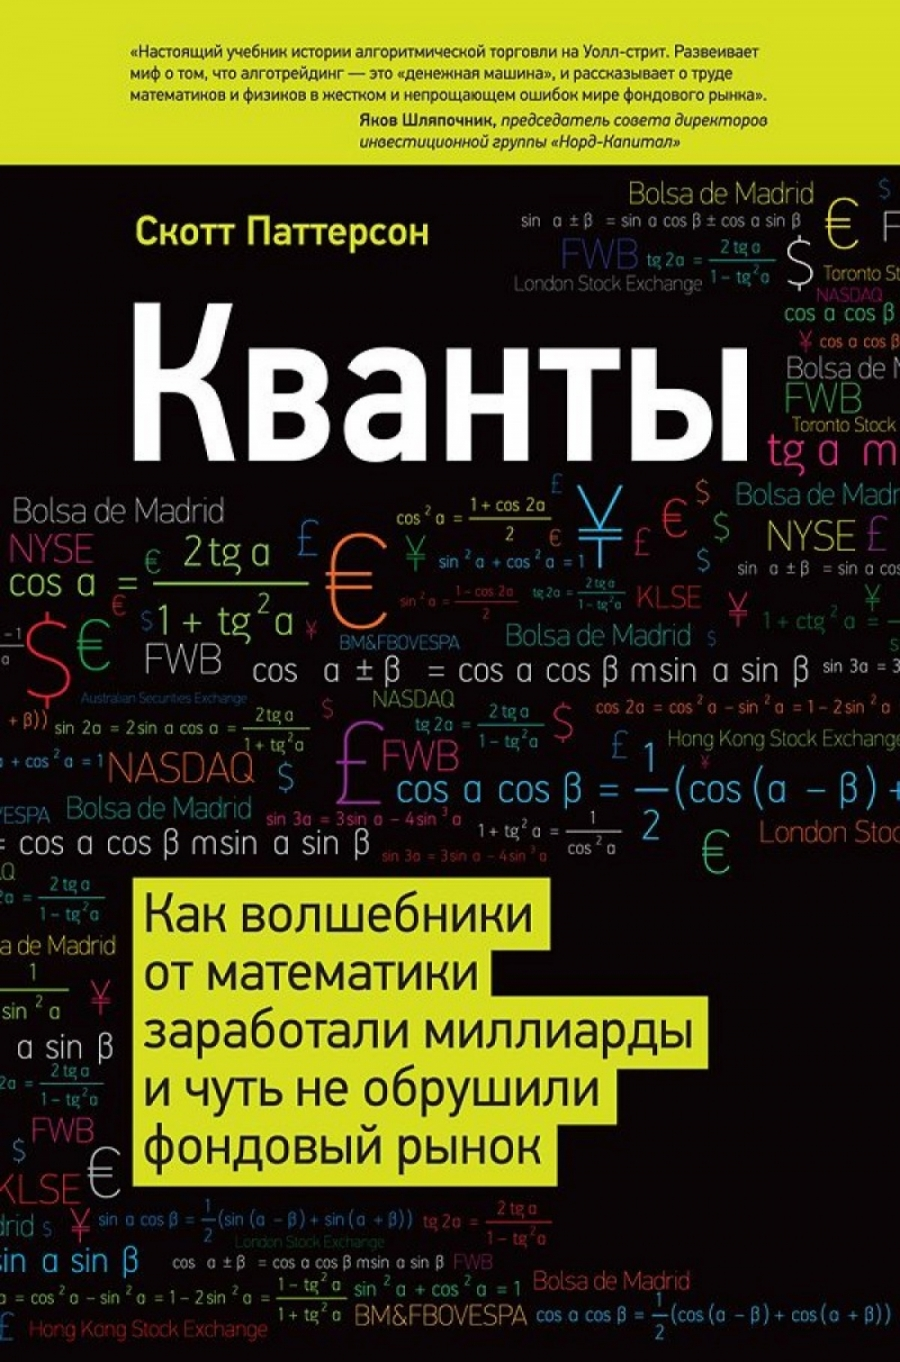 Обложка книги:  скотт паттерсон - кванты. как волшебники от математики заработали миллиарды и чуть не обрушили фондовый рынок